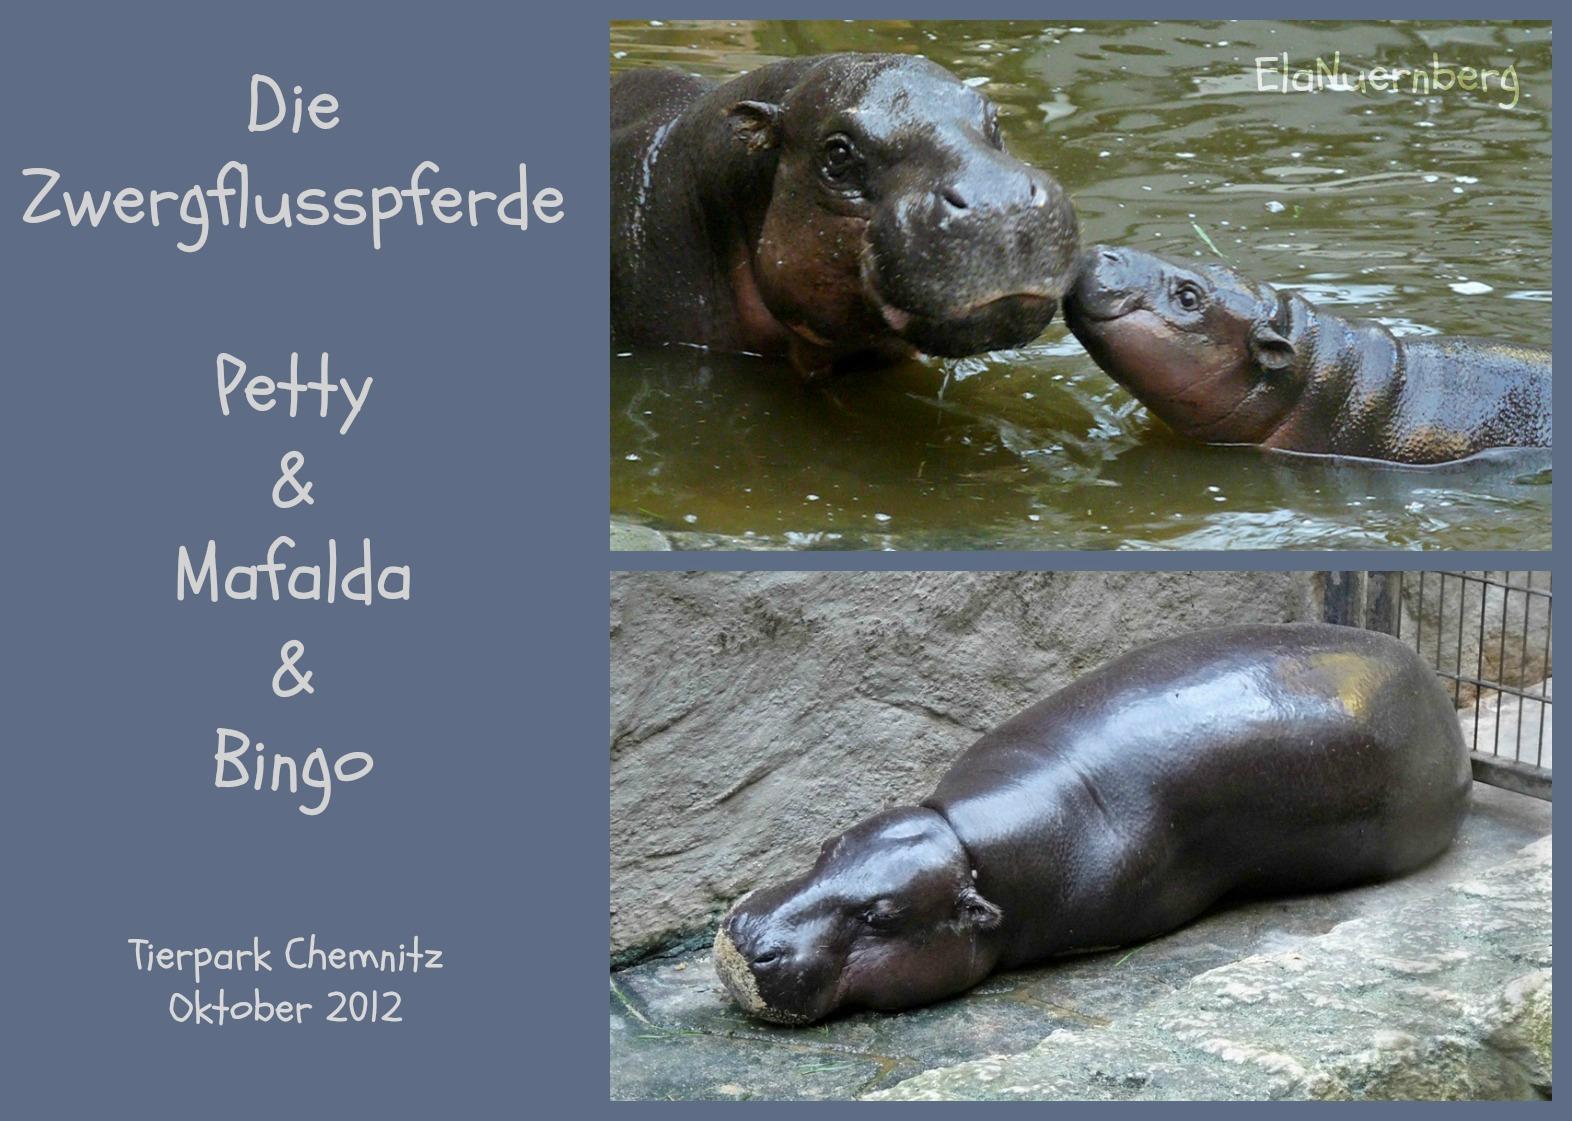 Die Zwergflusspferde Petty, Mafalda & Bingo - Tierpark Chemnitz - 2012